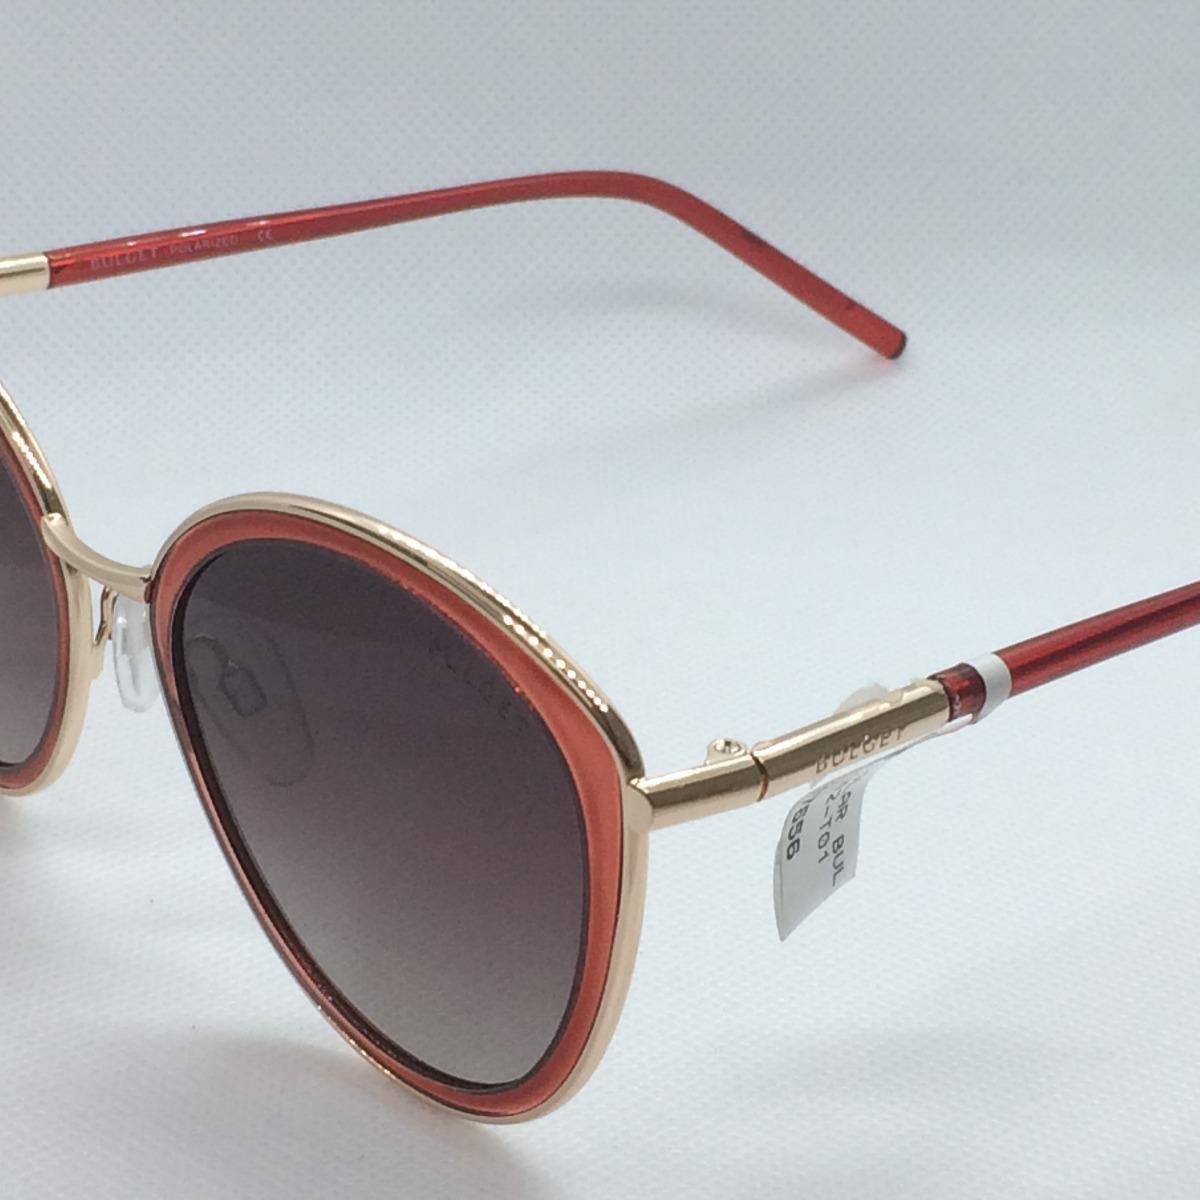 Óculos De Sol Bulget Polarized Bg5142 T01 - R  199,00 em Mercado Livre ad4f9b8a34